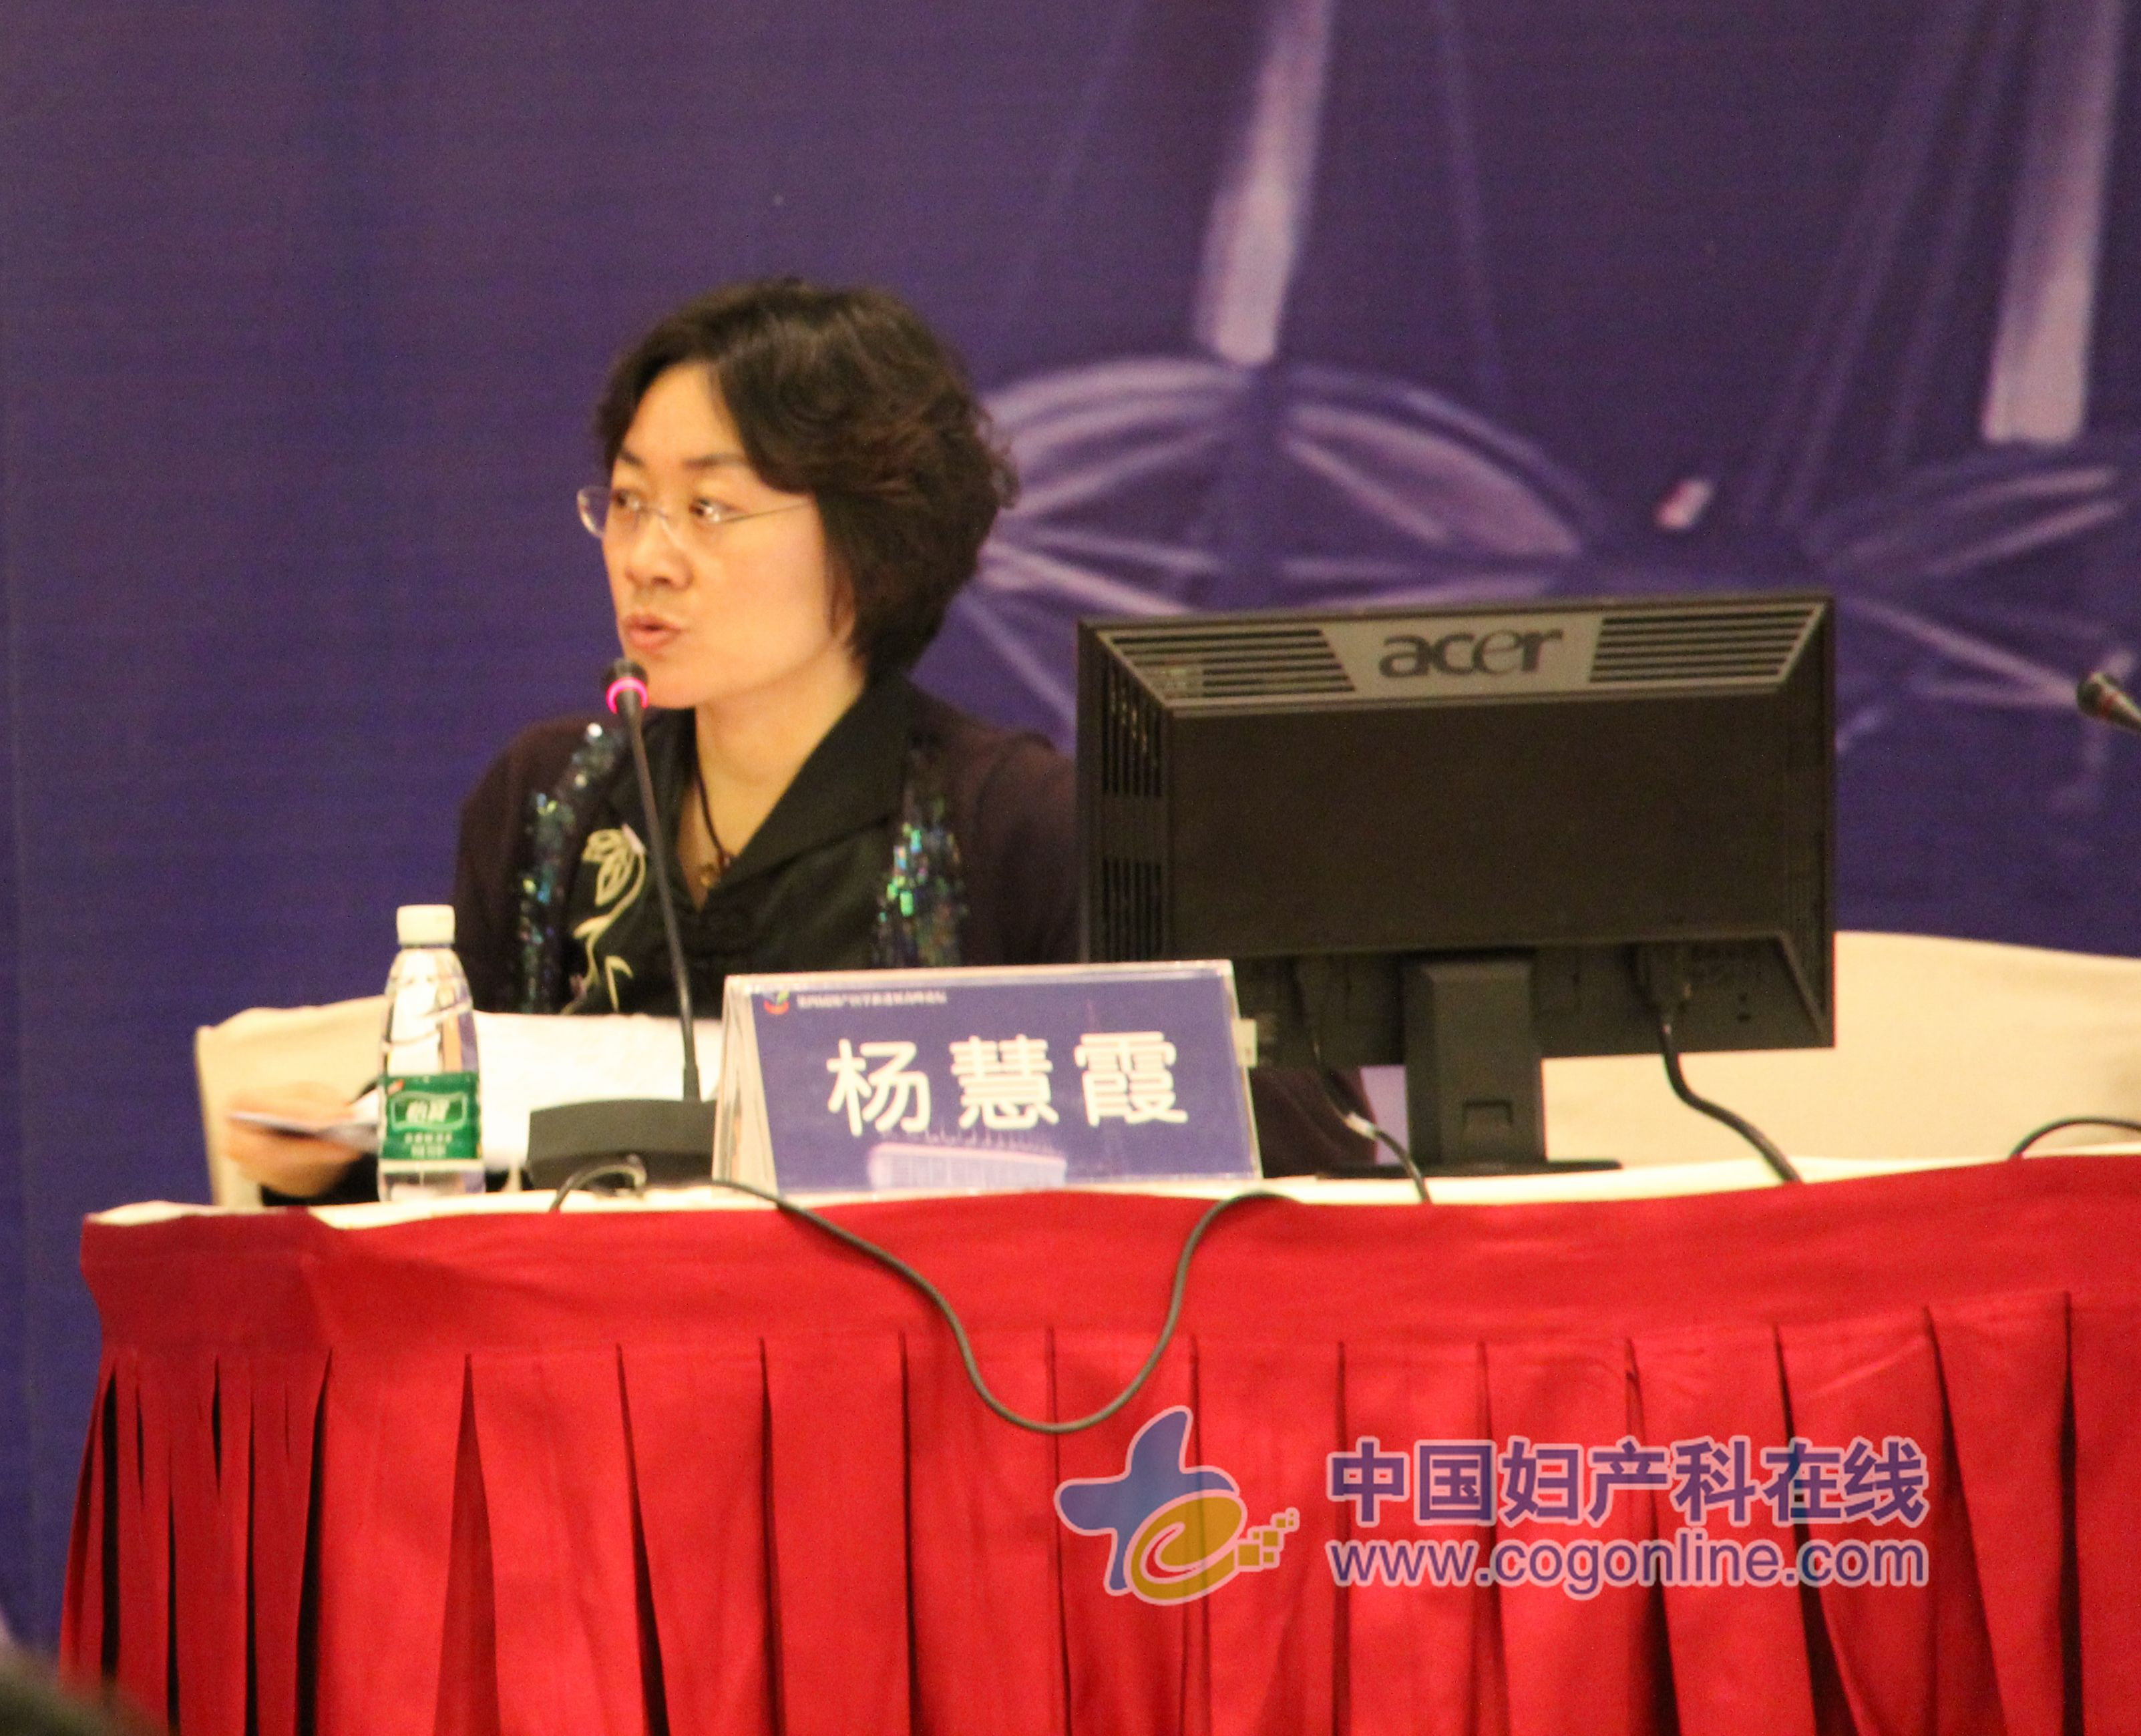 北京妇产医院怎么样_访北京大学第一医院妇产科杨慧霞教授